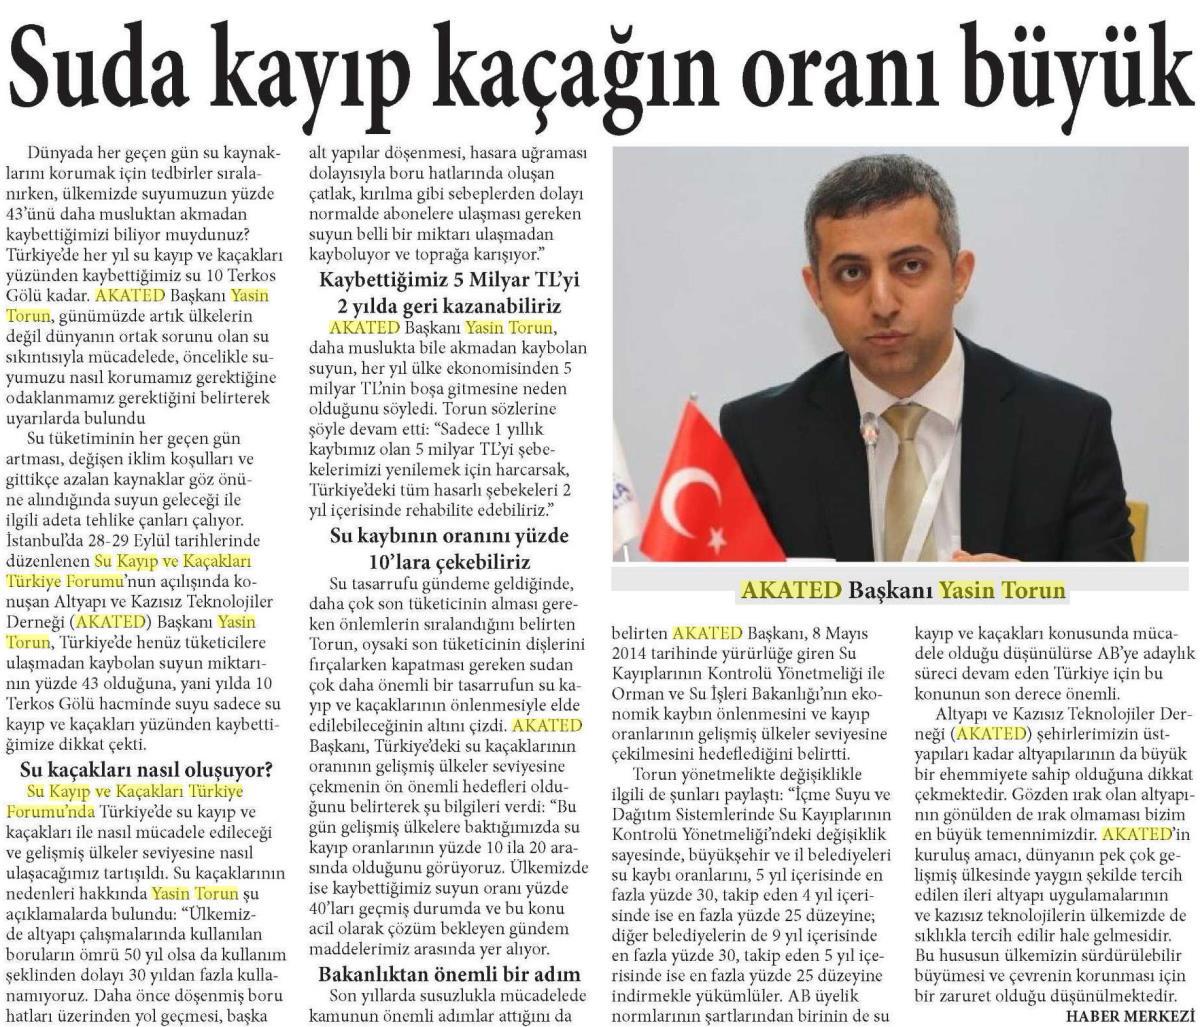 Yeni Ekonomi 29.09.2015 s7